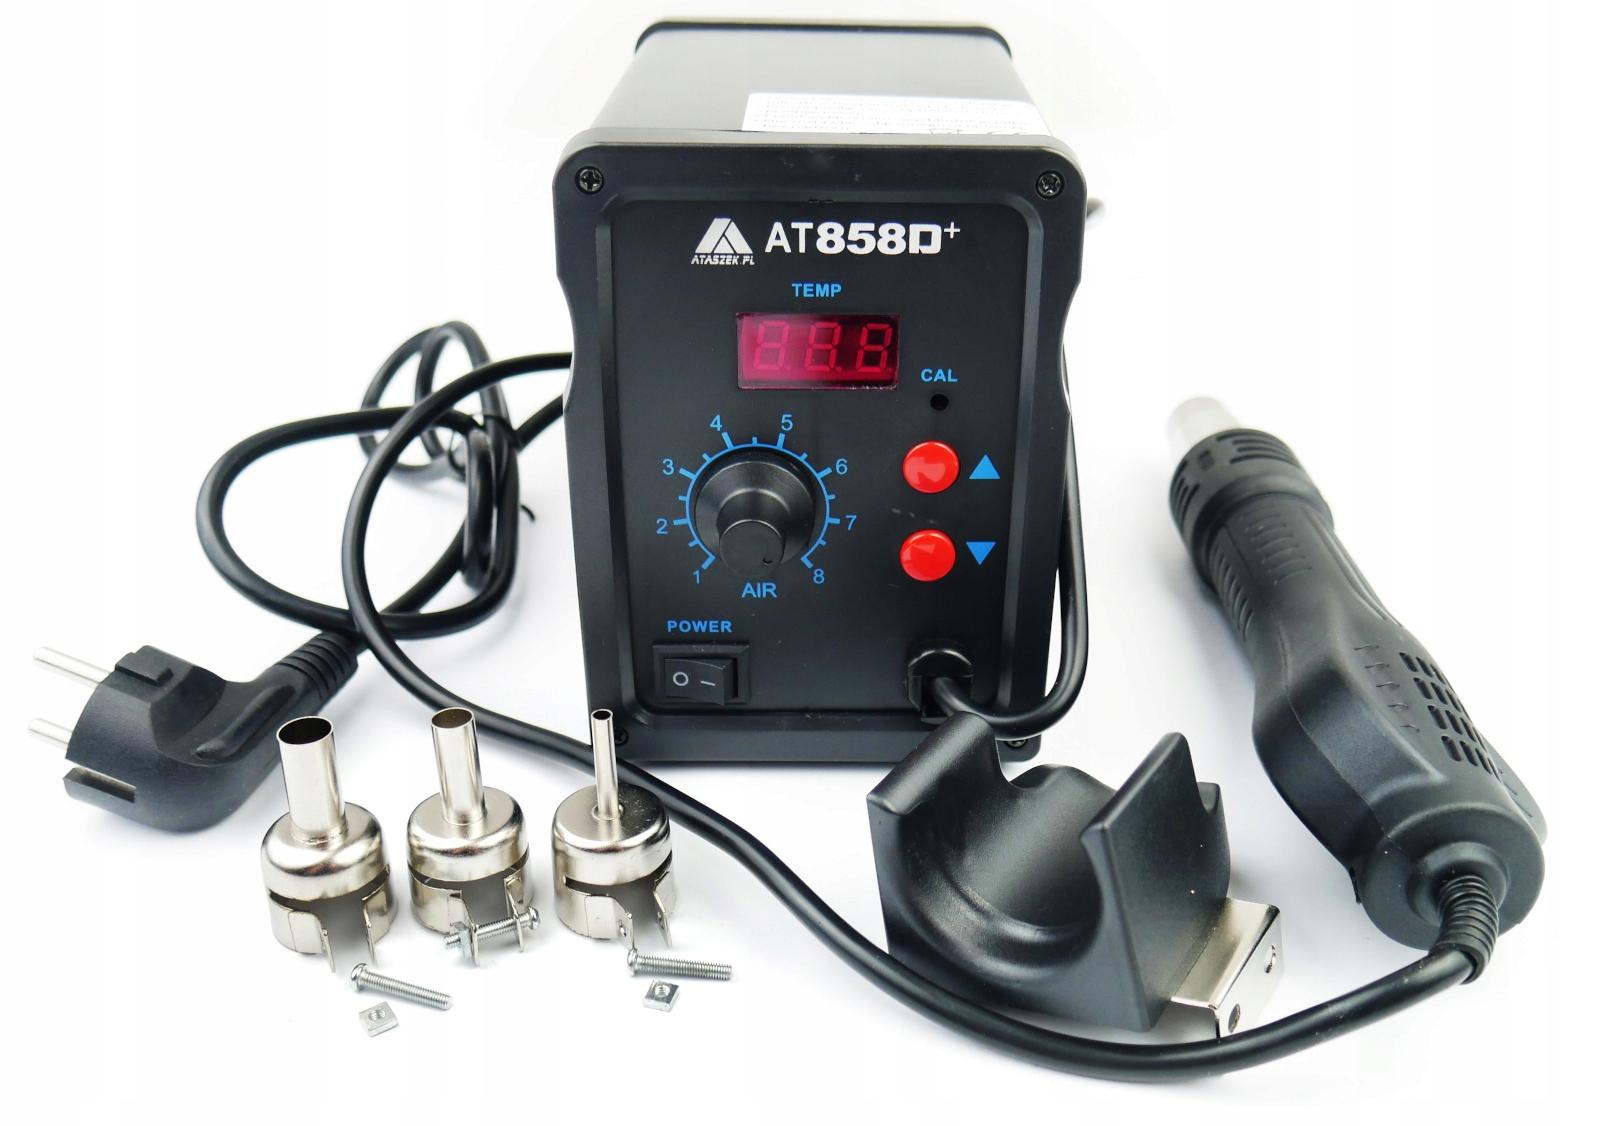 Сварочный аппарат для пластика АТ858Д + комплект из трех насадок